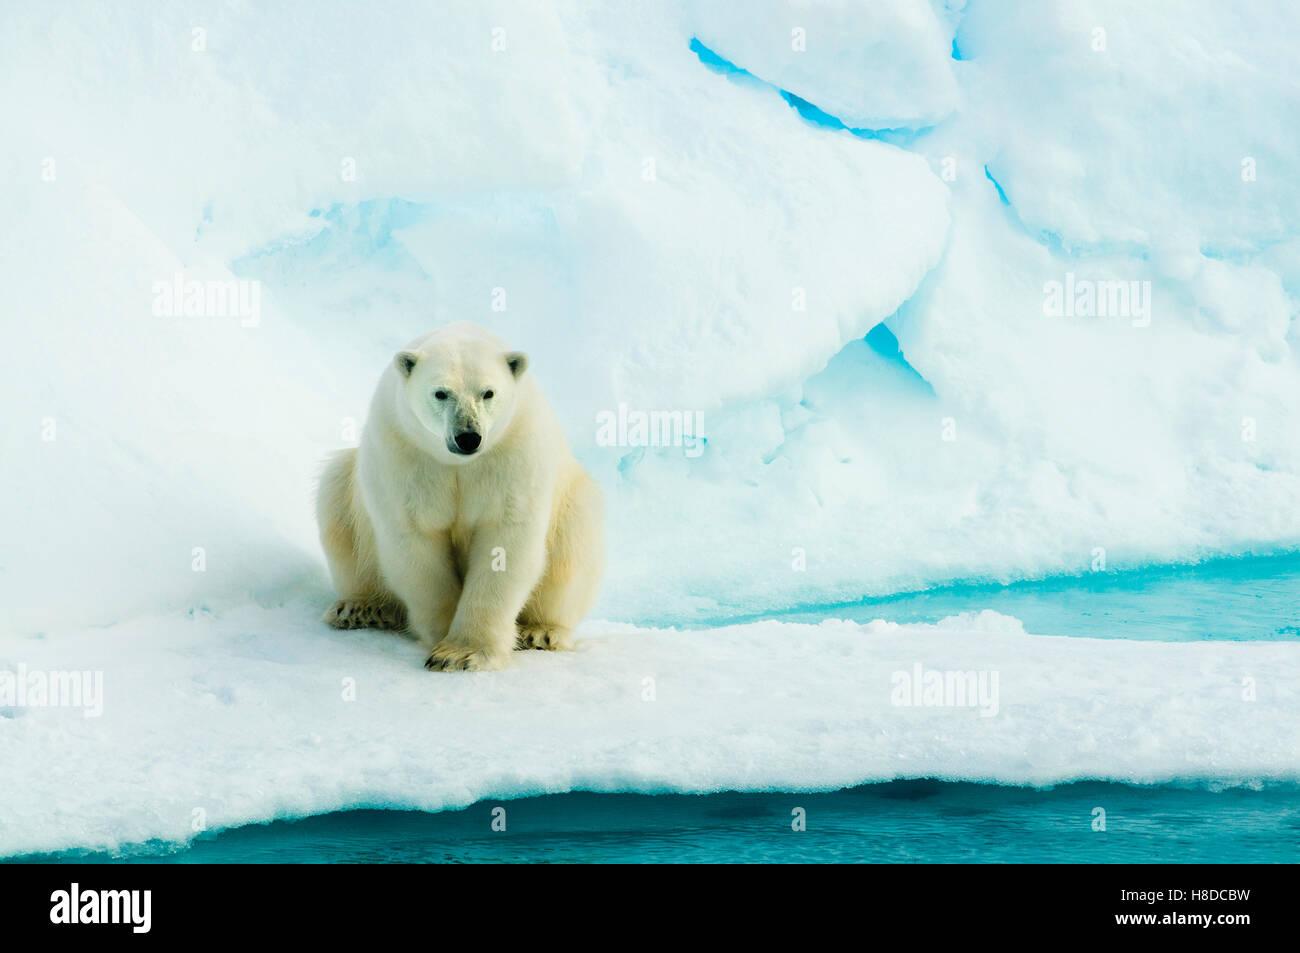 Orso polare (Ursus maritimus) sulla banchisa, Arctic selvatica Immagini Stock